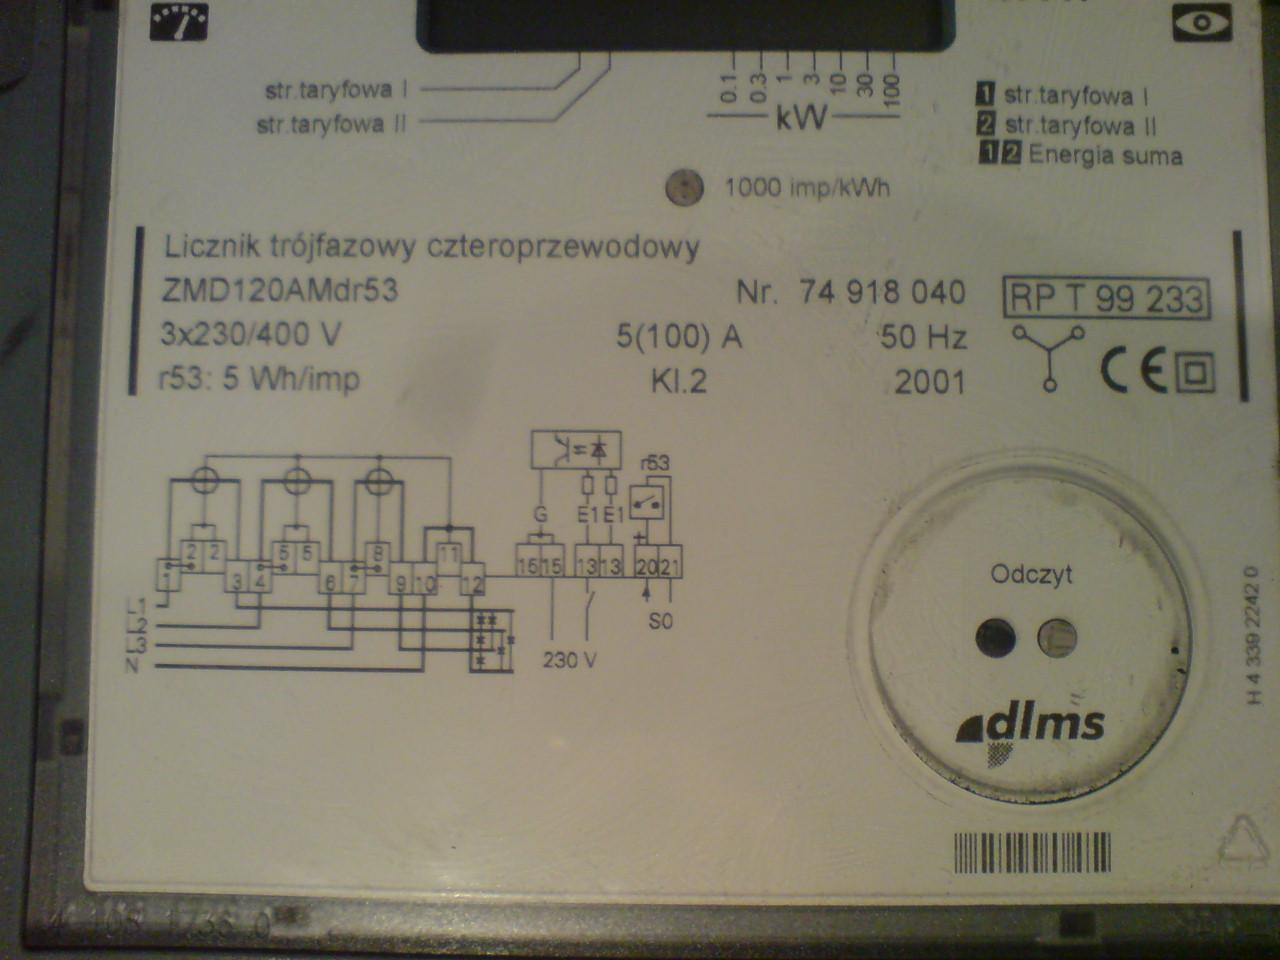 Licznik zu�ycia energii elektrycznej Siemens ZMD120AMer53